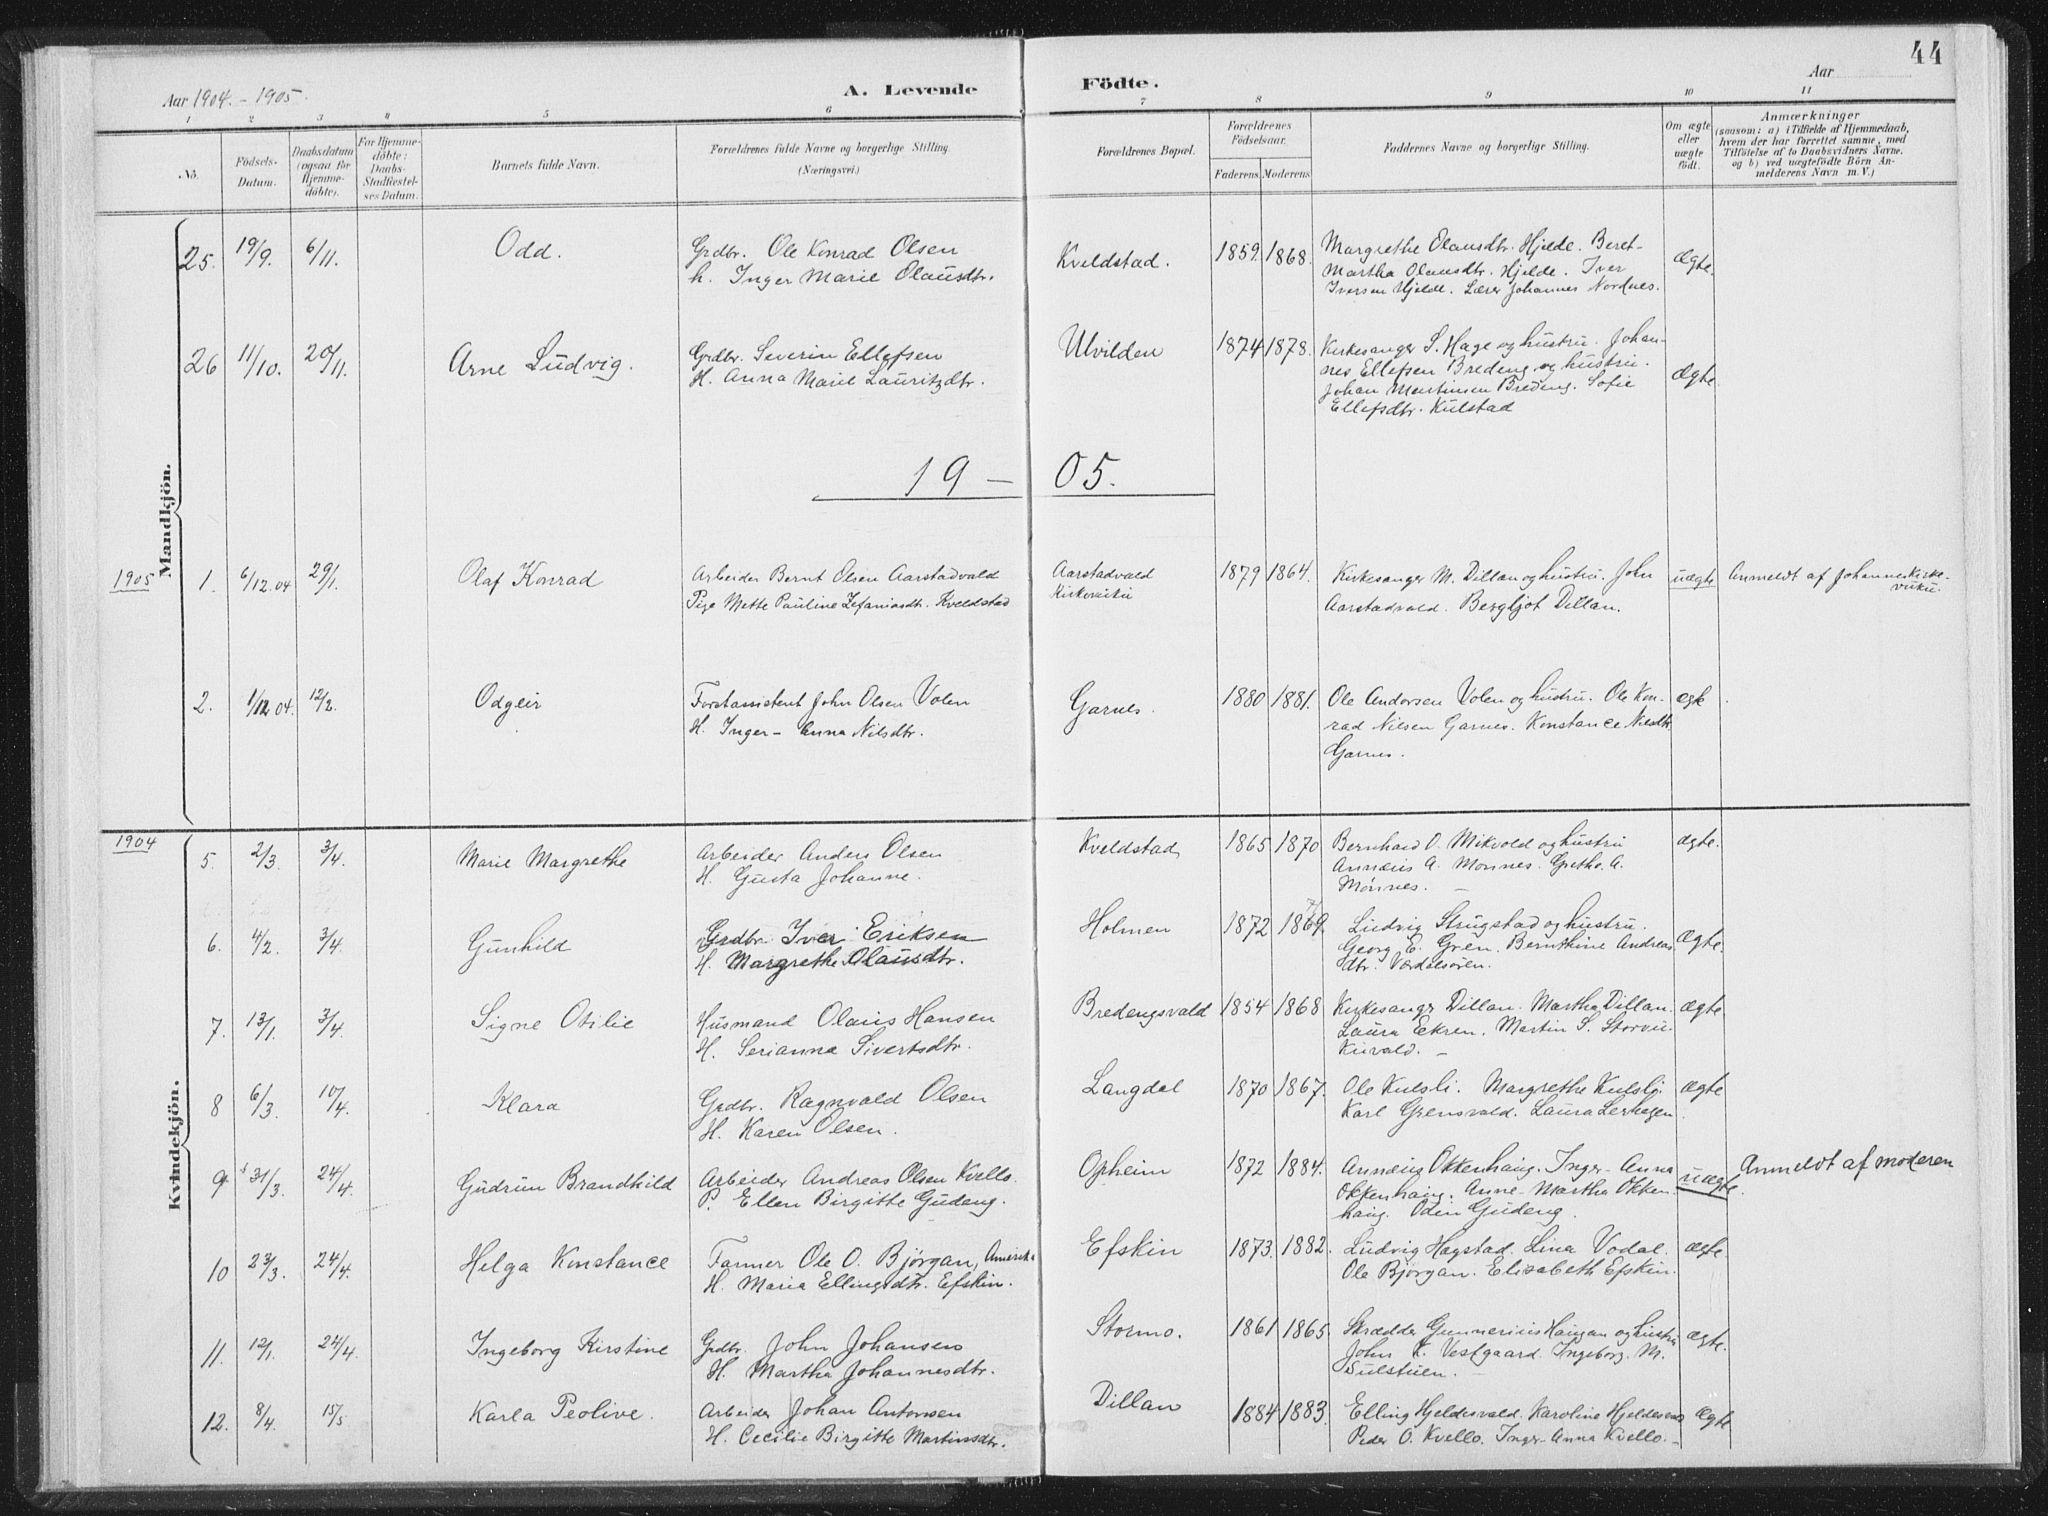 SAT, Ministerialprotokoller, klokkerbøker og fødselsregistre - Nord-Trøndelag, 724/L0263: Ministerialbok nr. 724A01, 1891-1907, s. 44